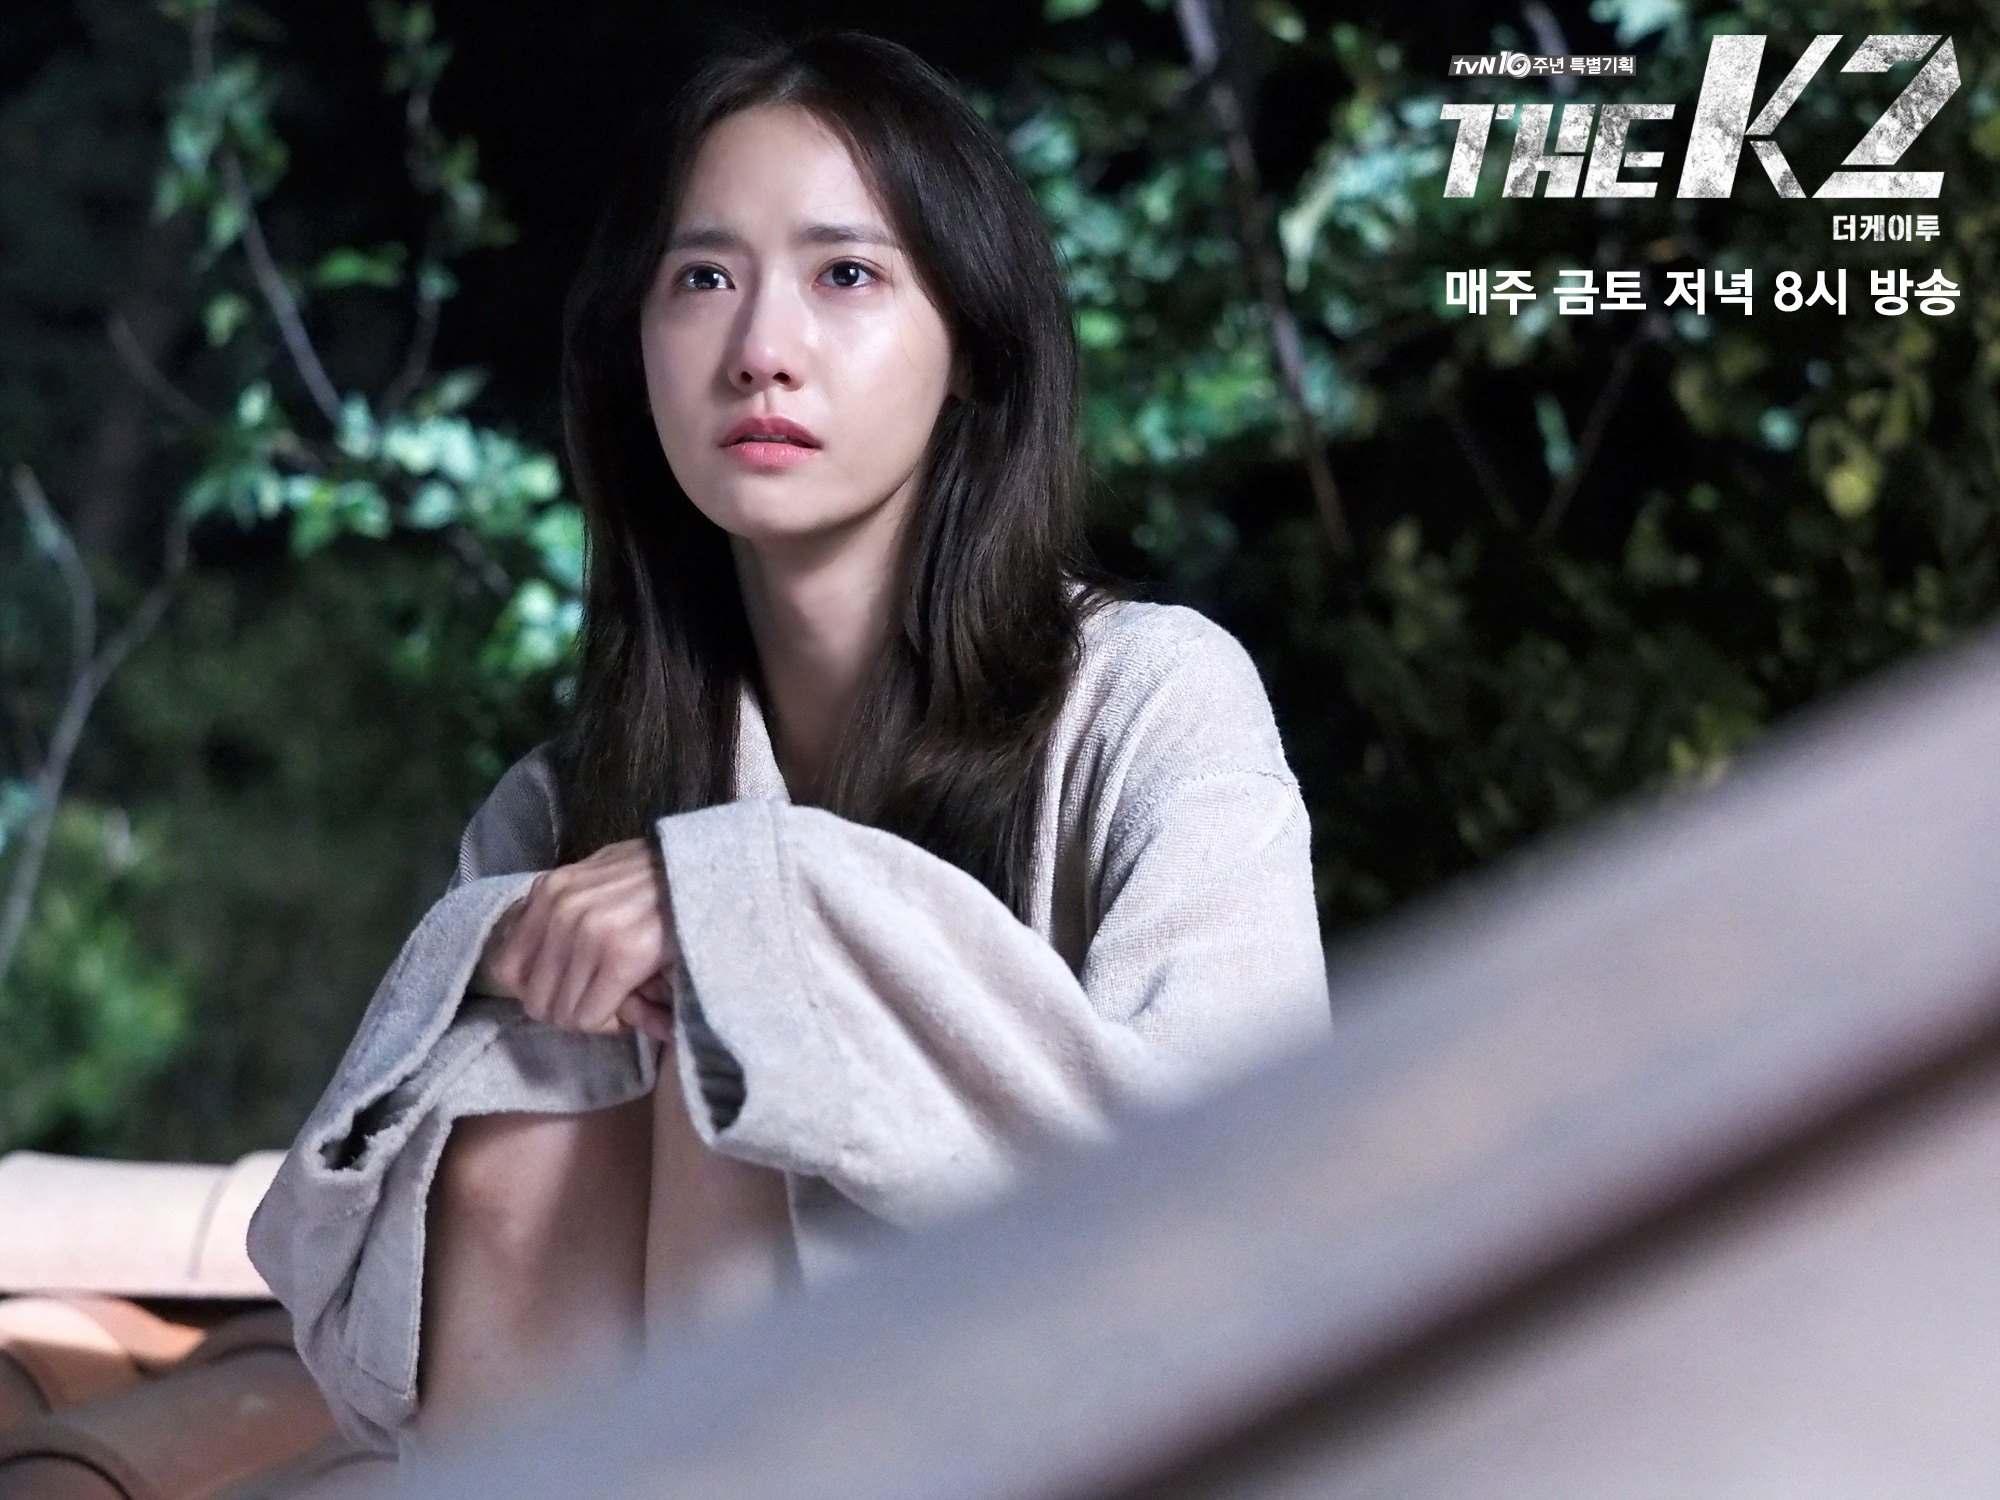 然而繼《THE K2》後,tvN接下來還有一部超強戲劇,讓不少忠實韓劇迷表示「這部」是2016年最後一部很期待的tvN大戲!大家知道是哪一部嗎?